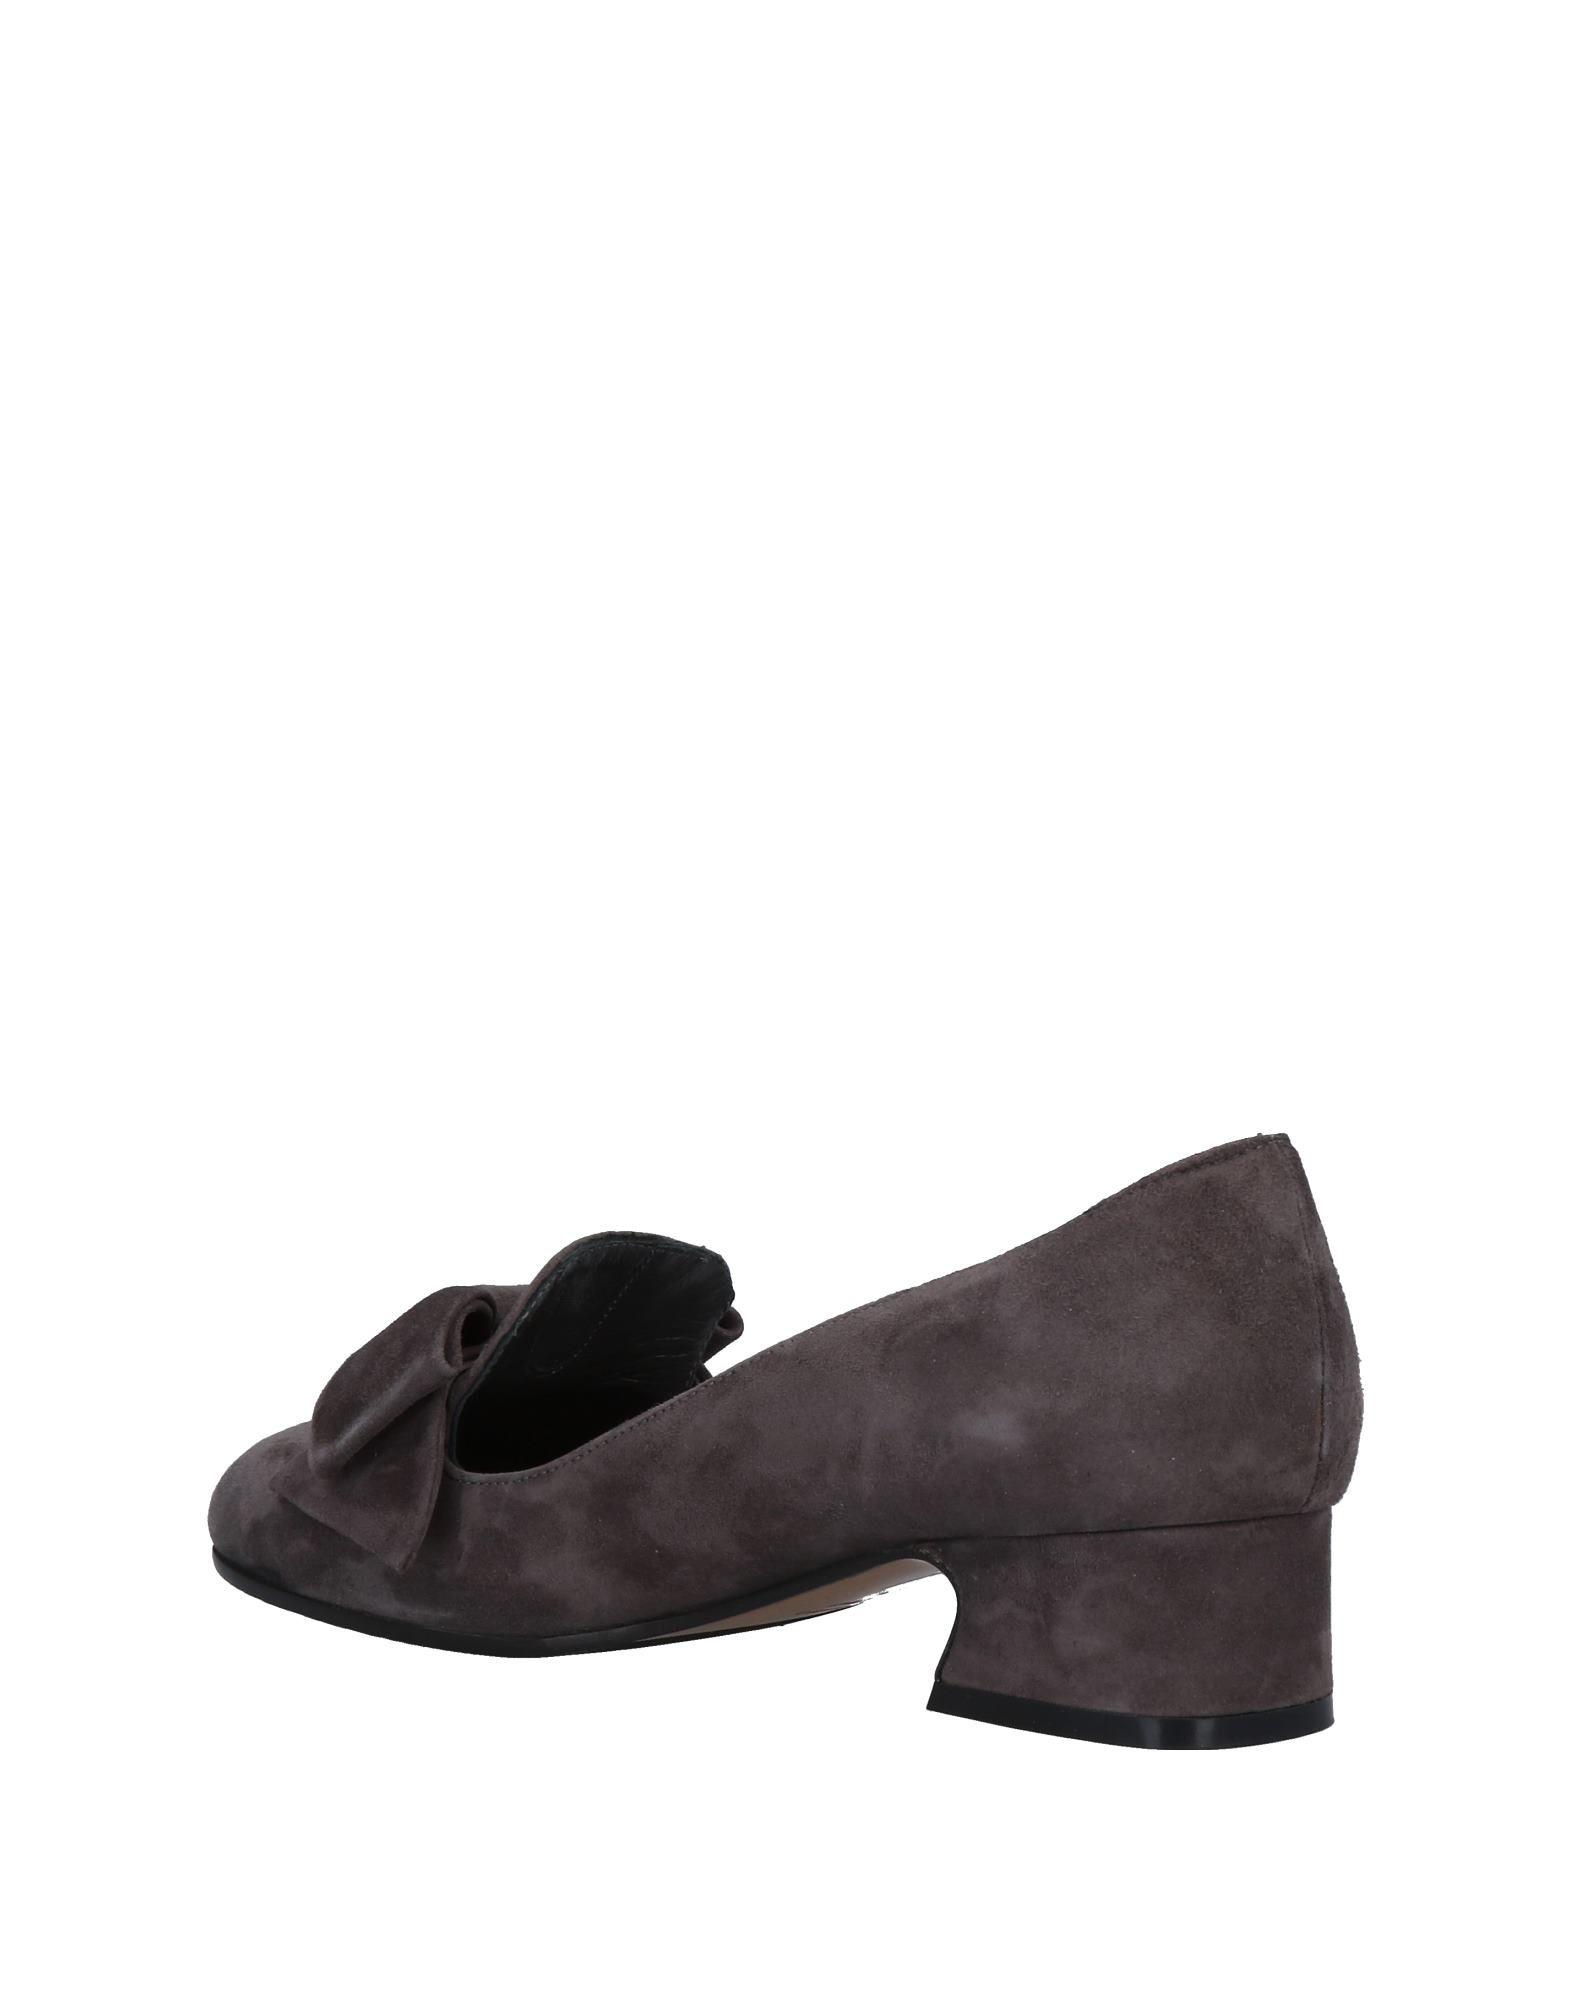 Bruschi Mokassins Damen  11486732US Schuhe Gute Qualität beliebte Schuhe 11486732US 9bf1b3